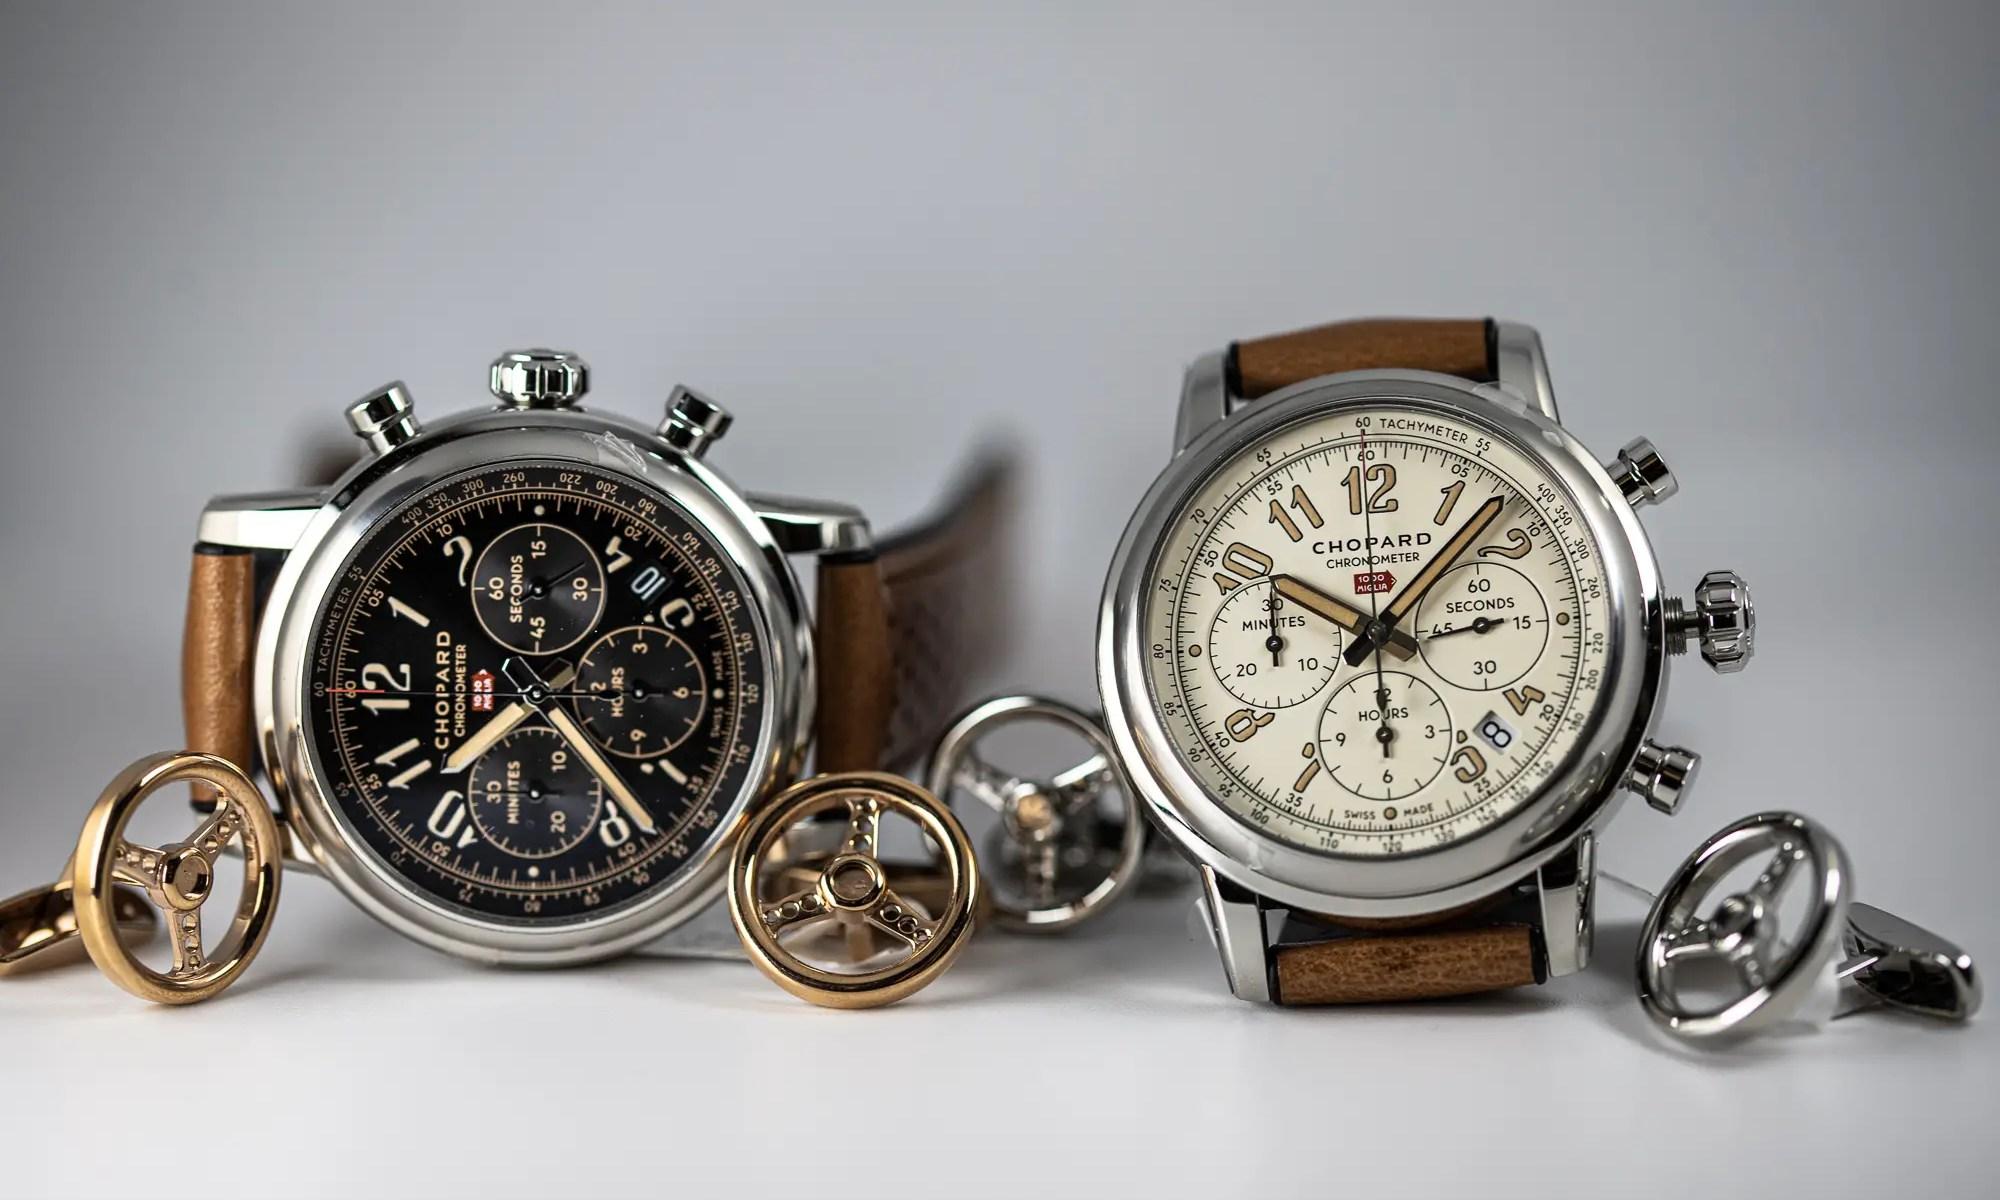 Chopard Mille Miglia Classic Chronograph Raticosa 43